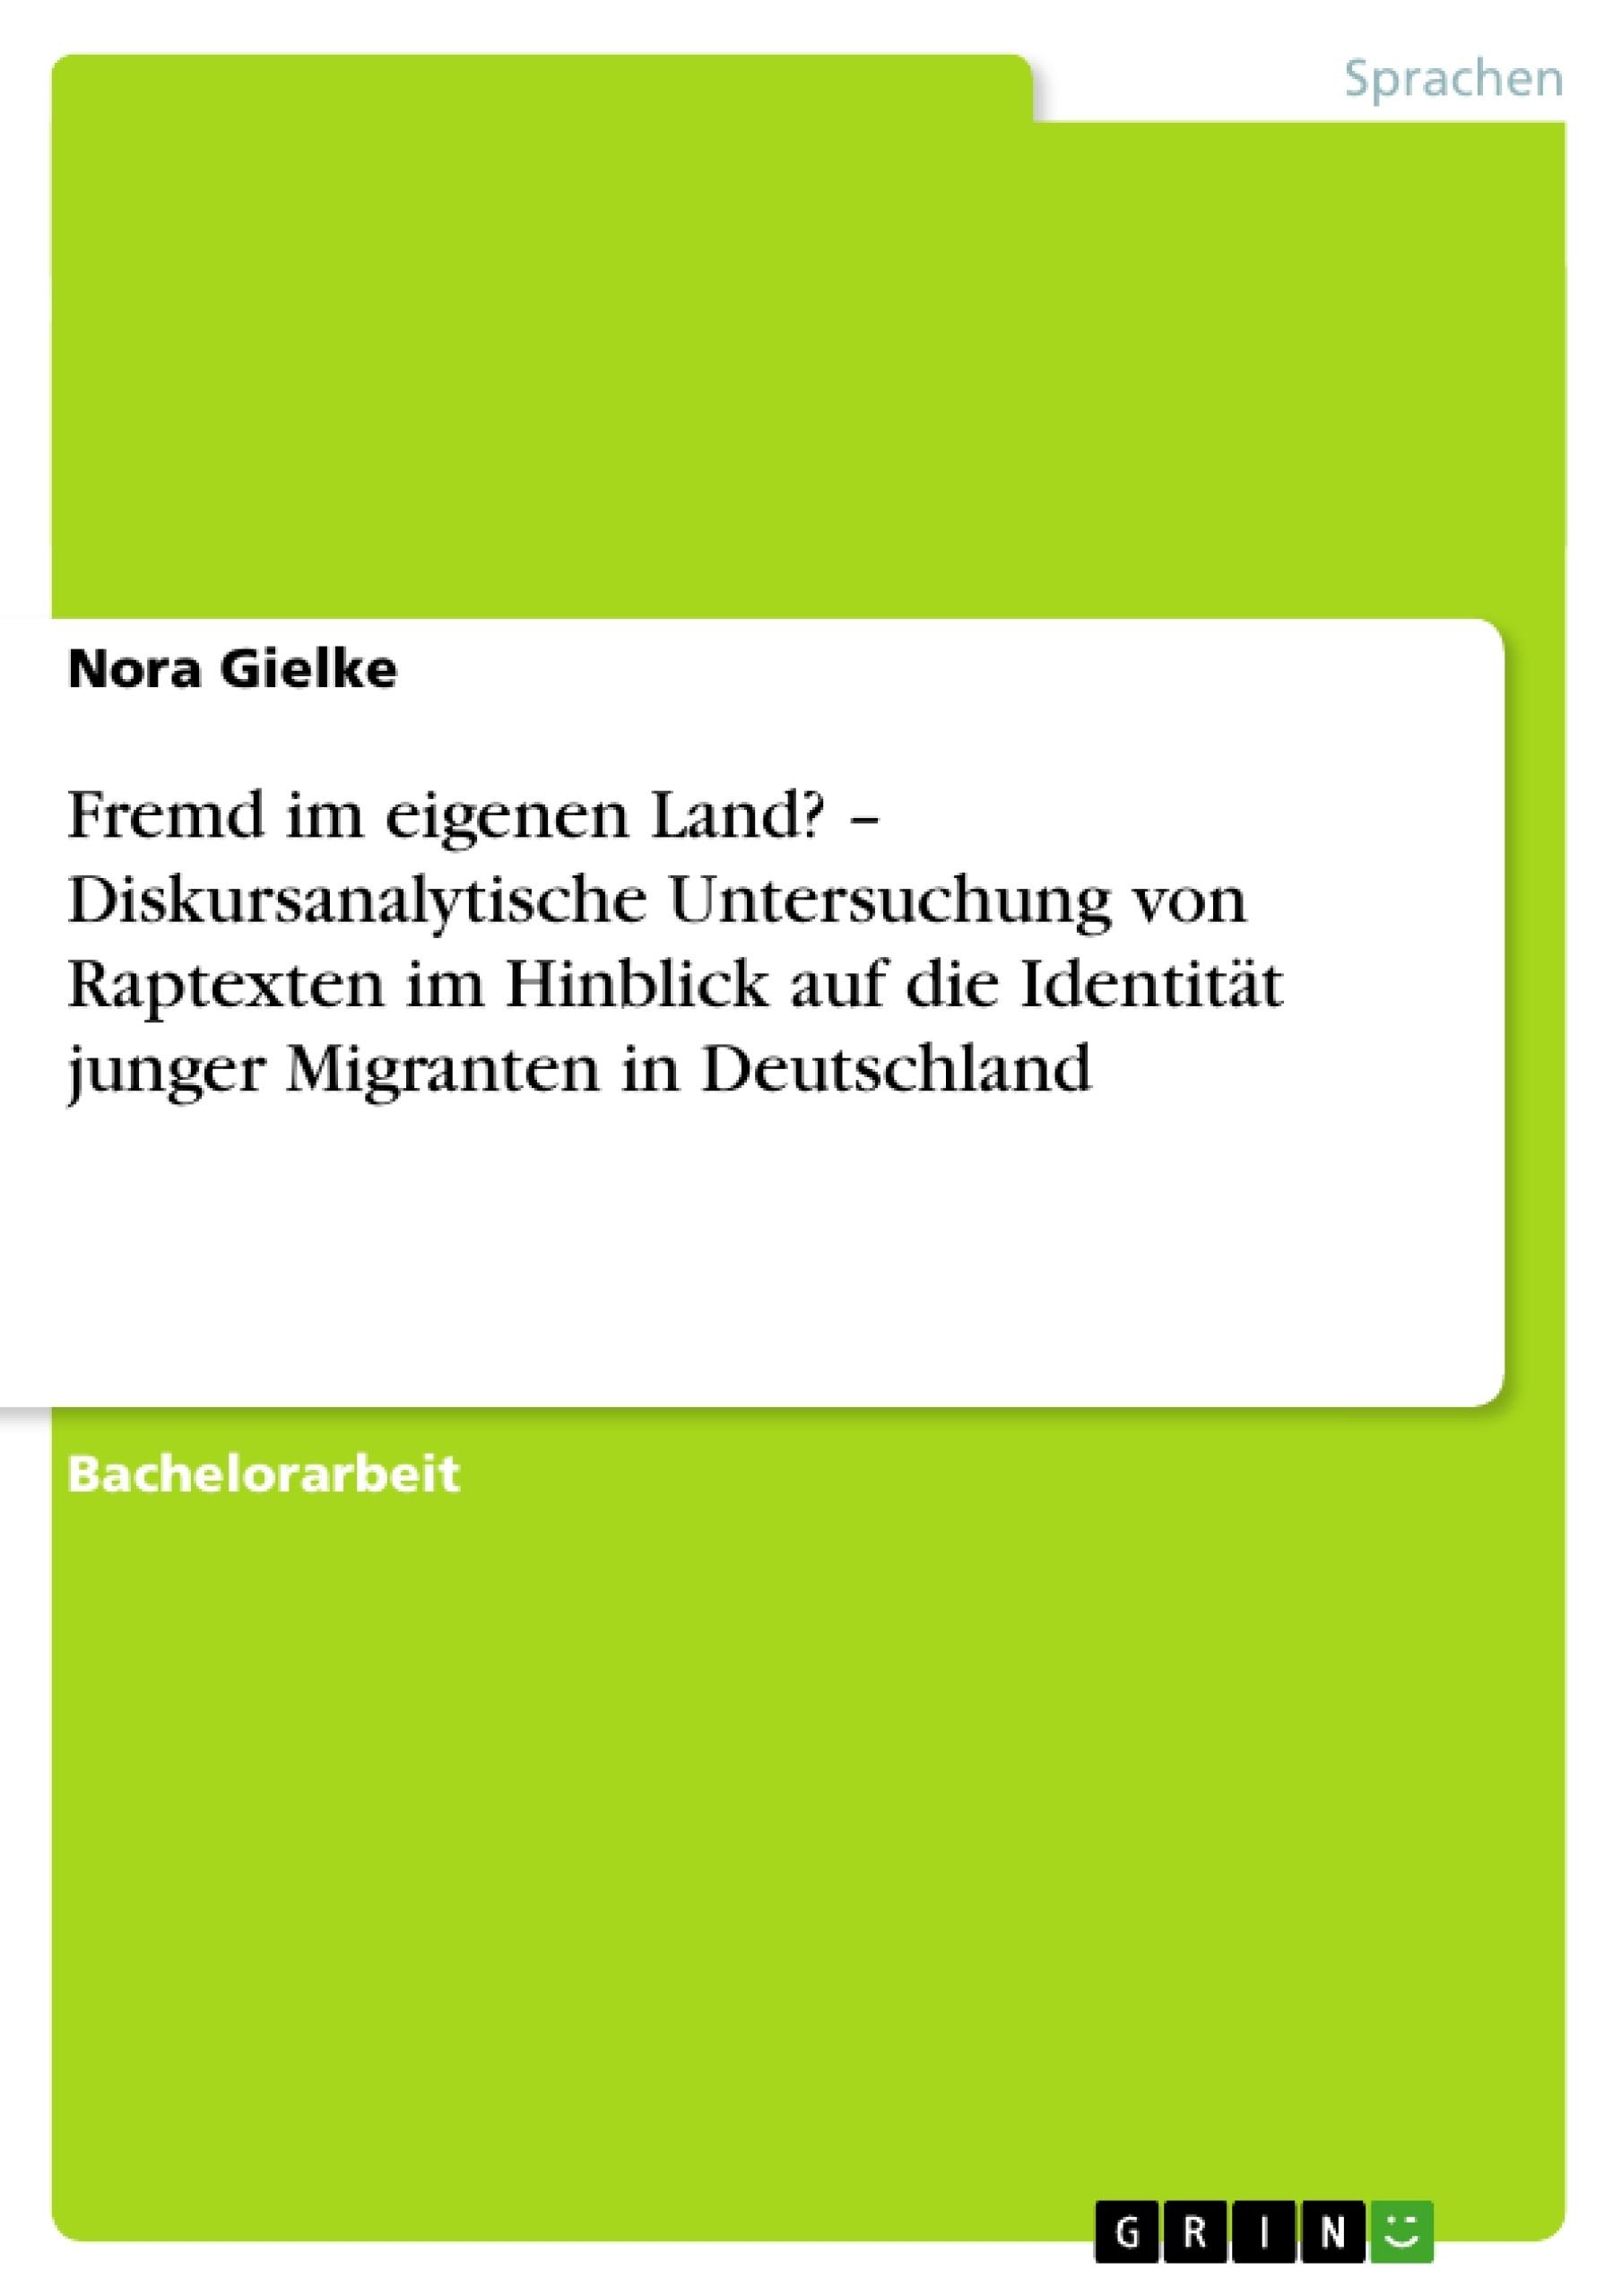 Titel: Fremd im eigenen Land? – Diskursanalytische Untersuchung von Raptexten im Hinblick auf die Identität junger Migranten in Deutschland